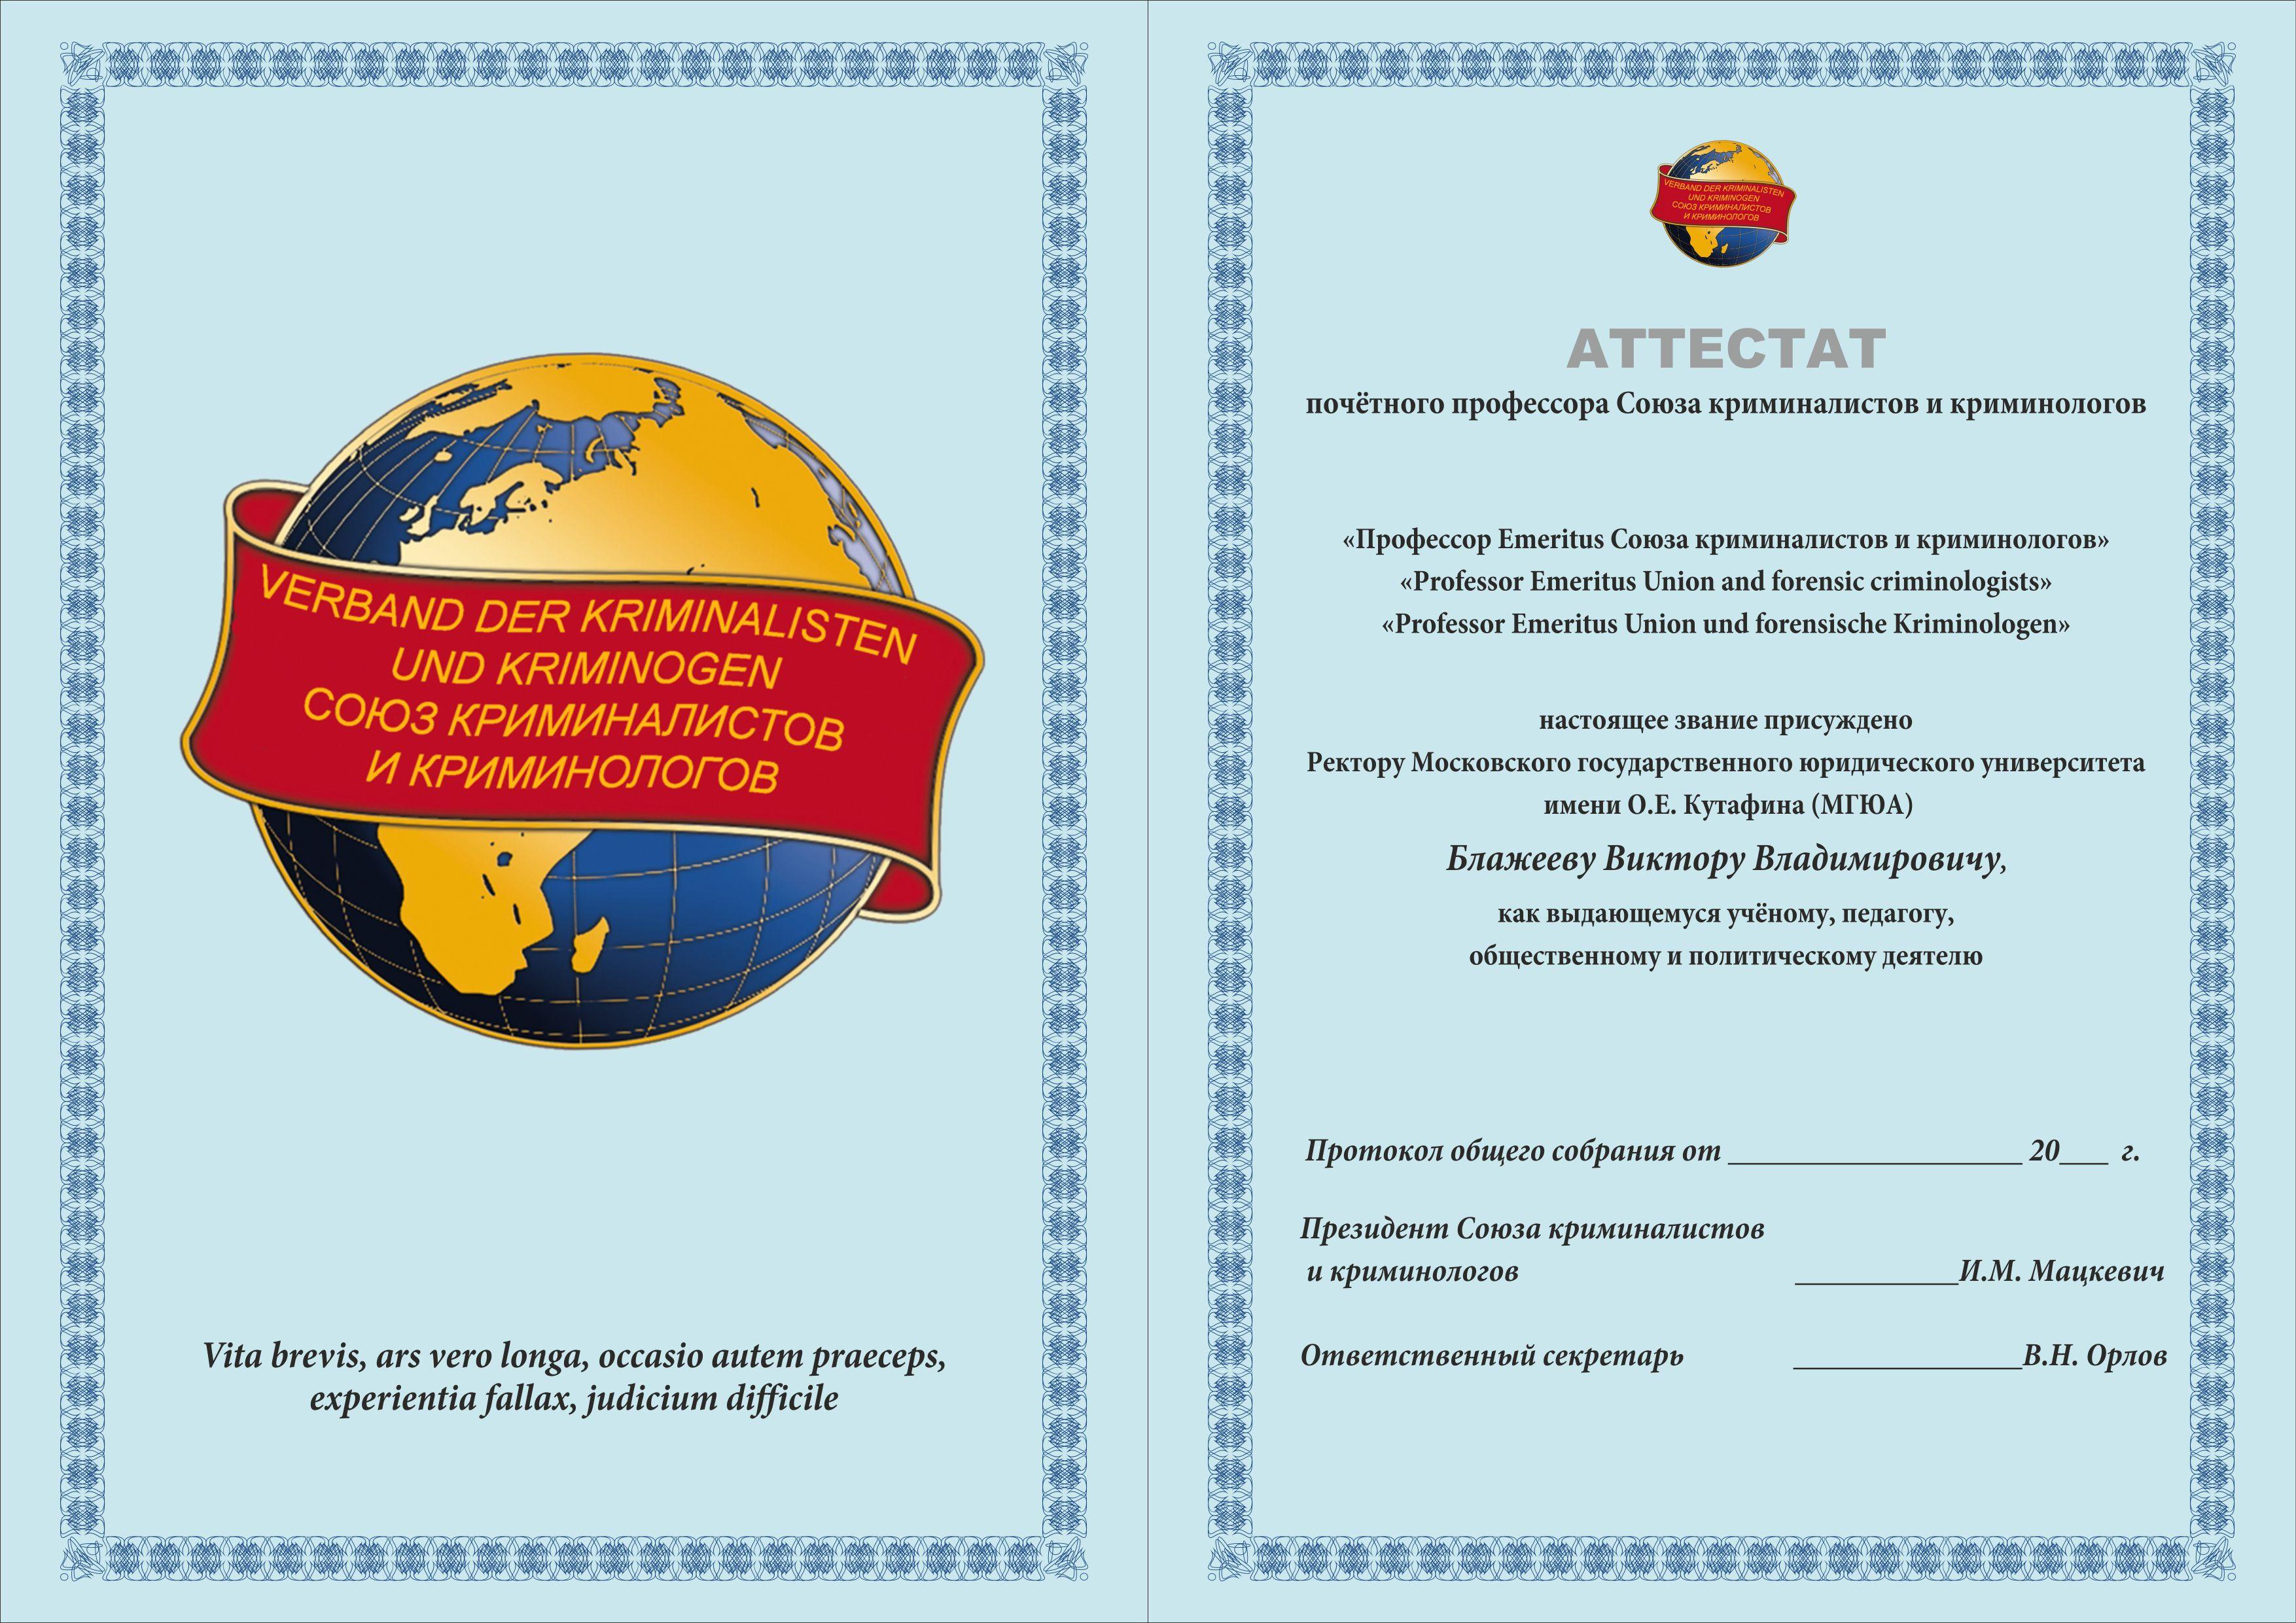 Аттестат Блажеев